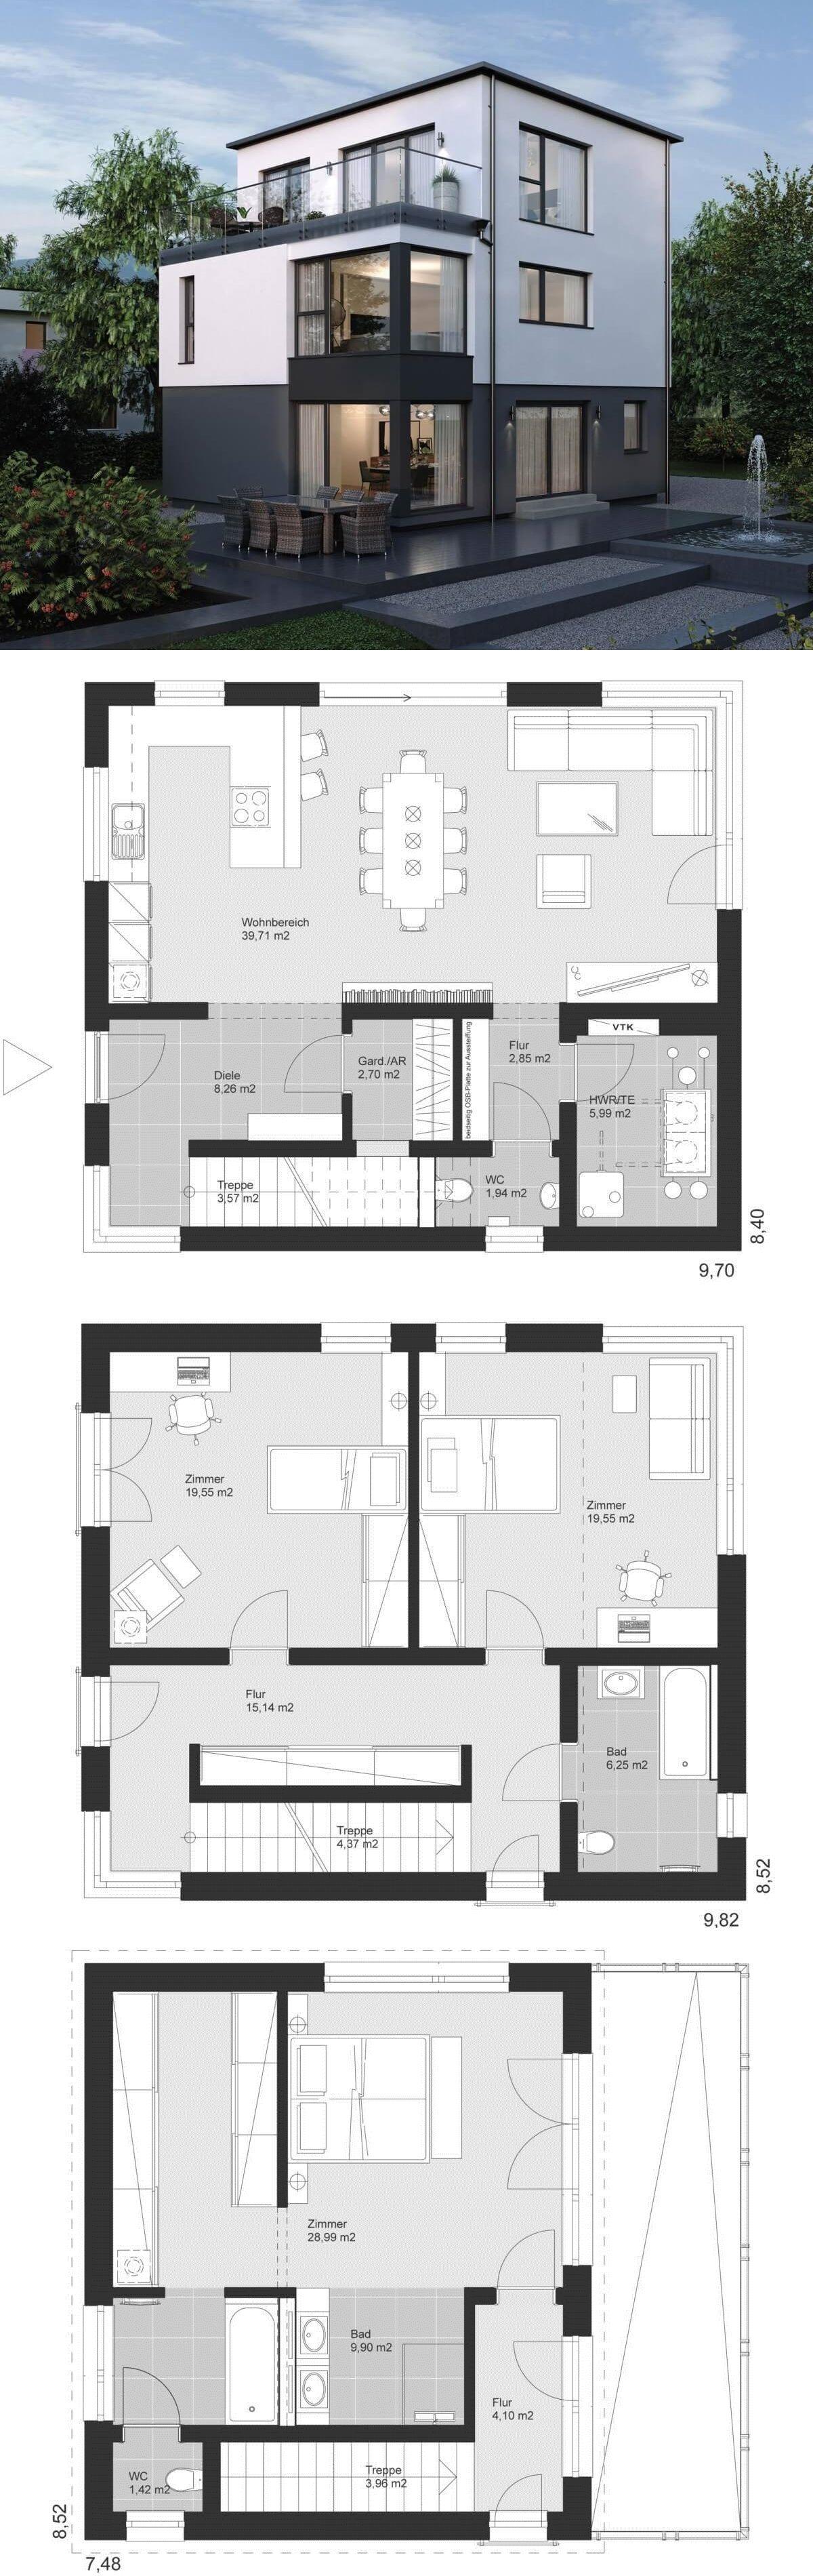 Modernes einfamilienhaus neubau grundriss mit flachdach for Grundriss einfamilienhaus 2 vollgeschosse